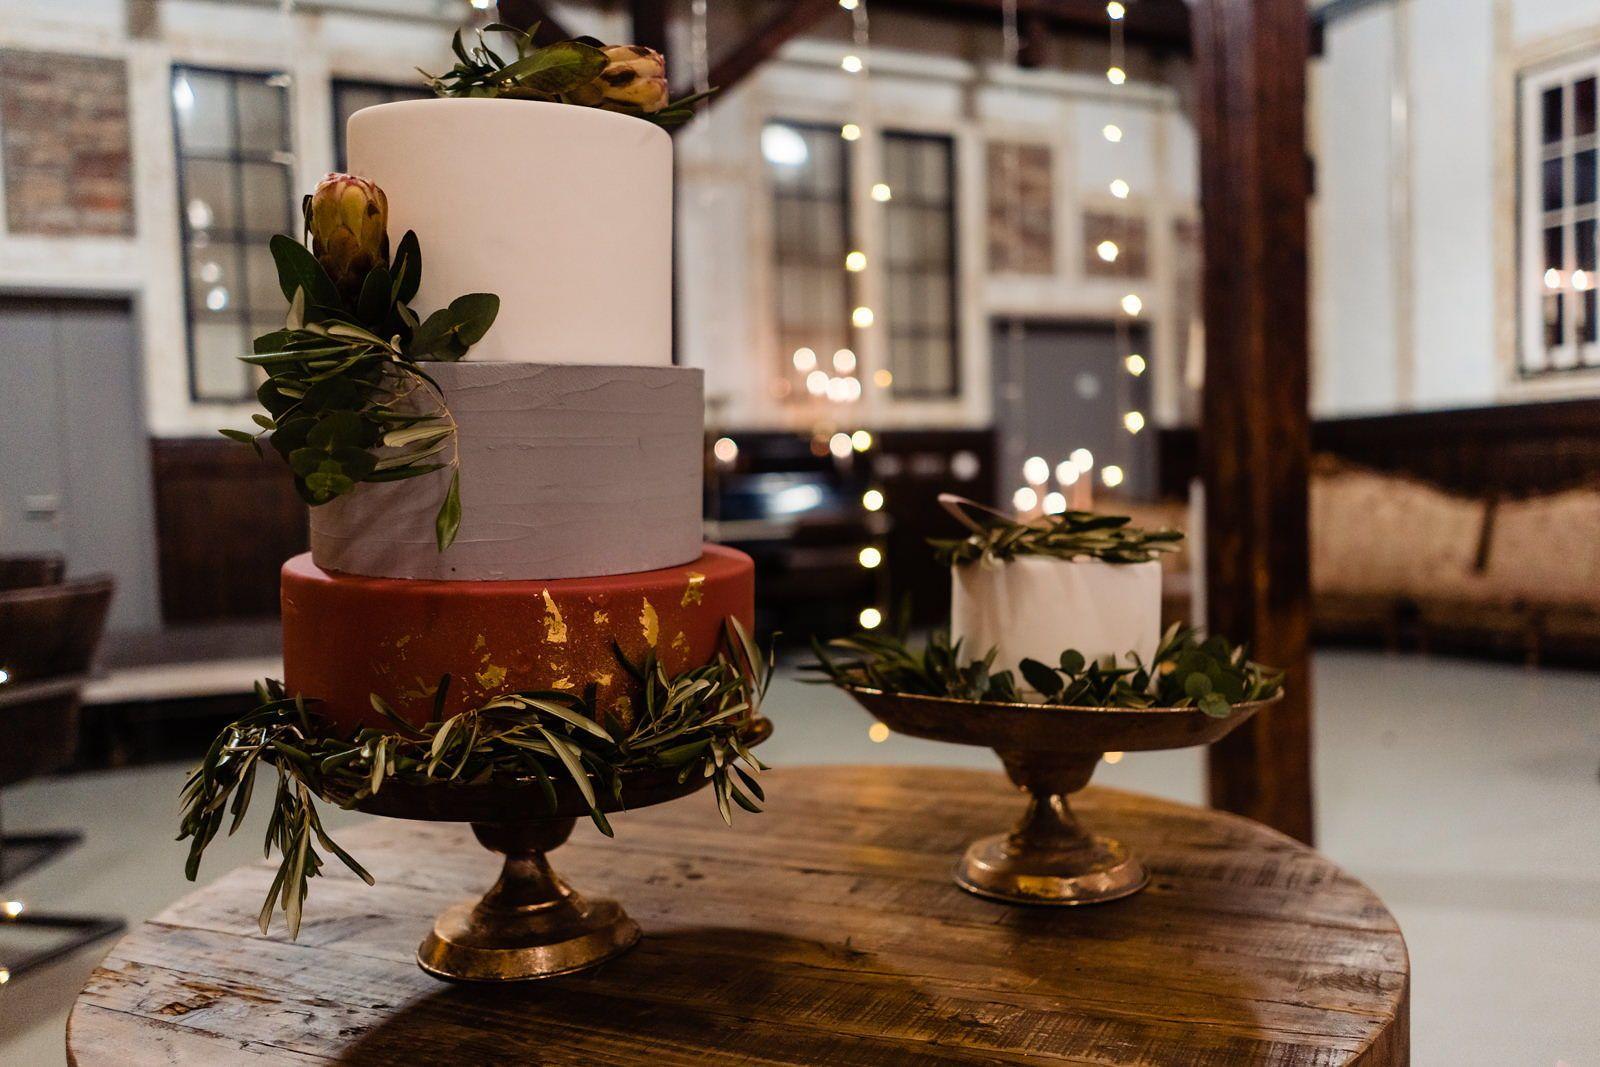 Wunderschone Bekraftigungszeremonie Im Kulturbahnhof Idstein In 2020 Trauung Hochzeit Hochzeitsfotos